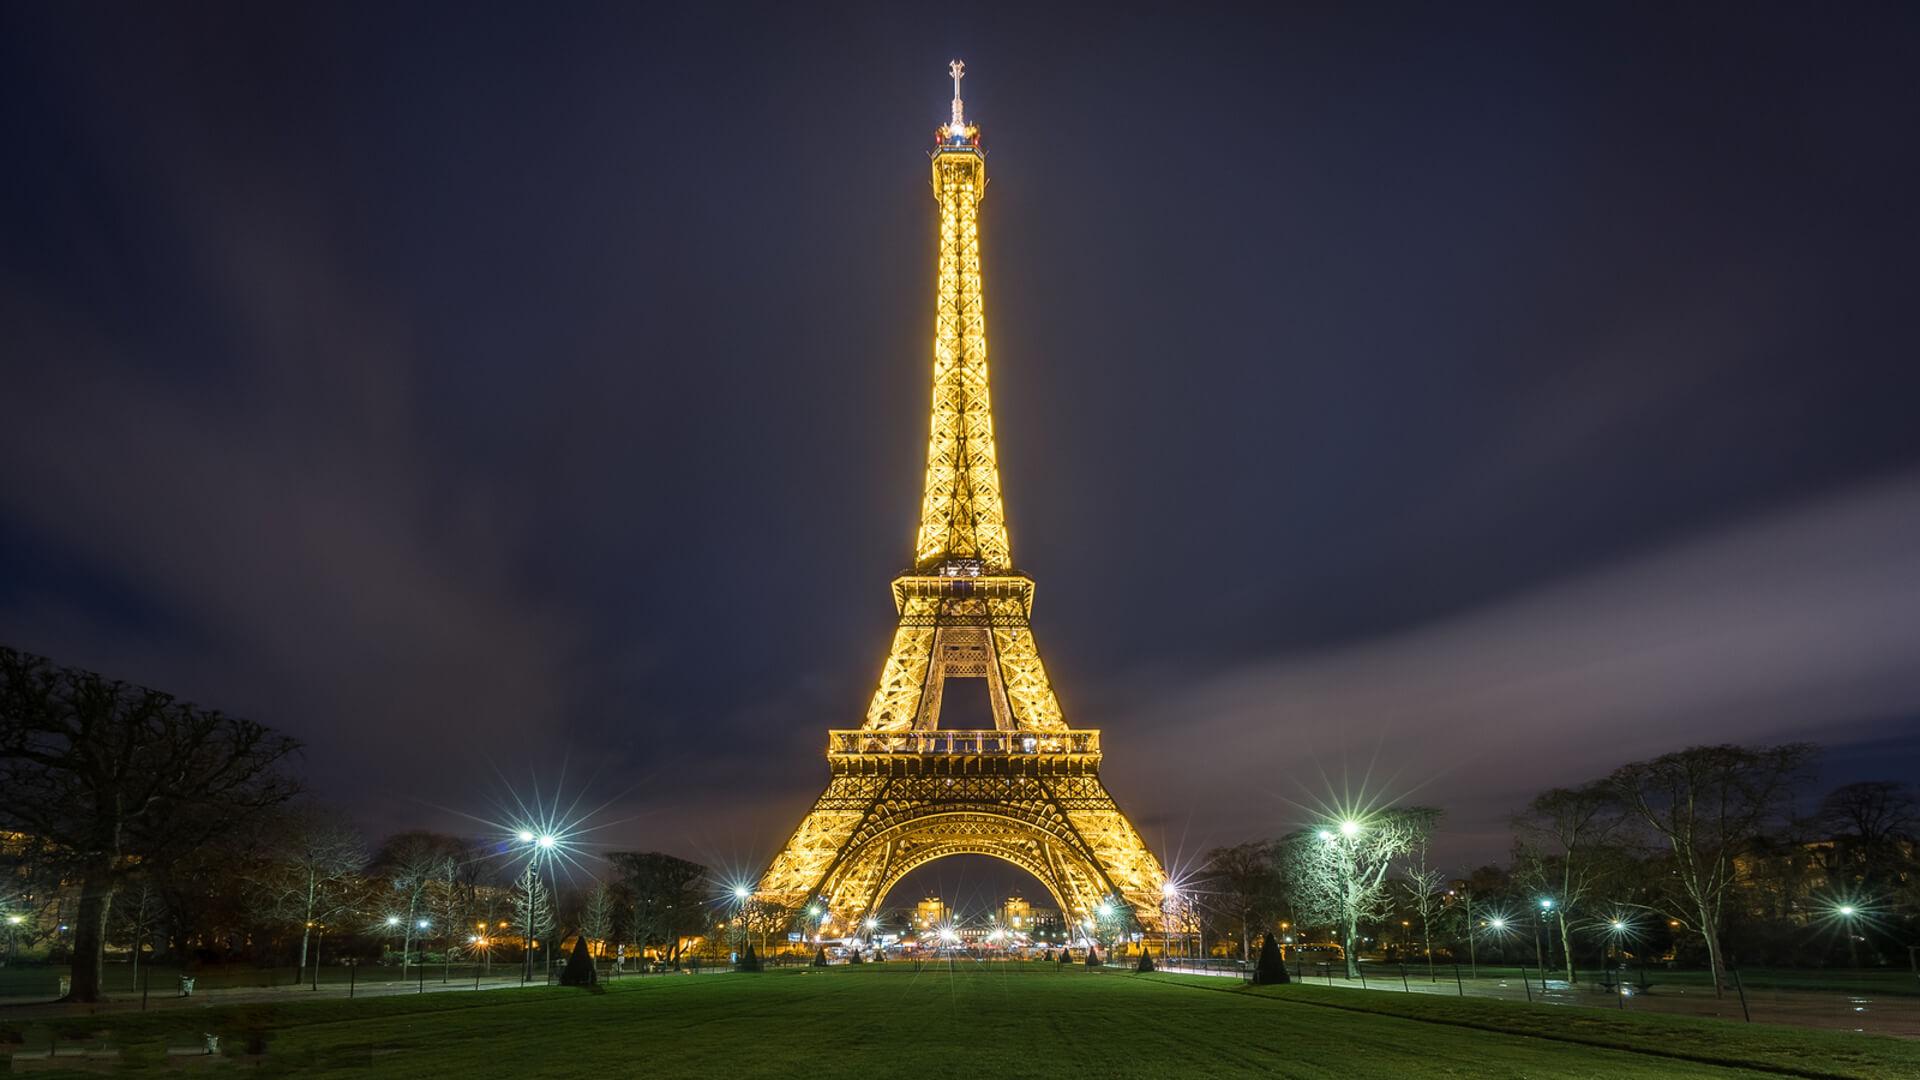 На фото: Эйфелева башня в Париже